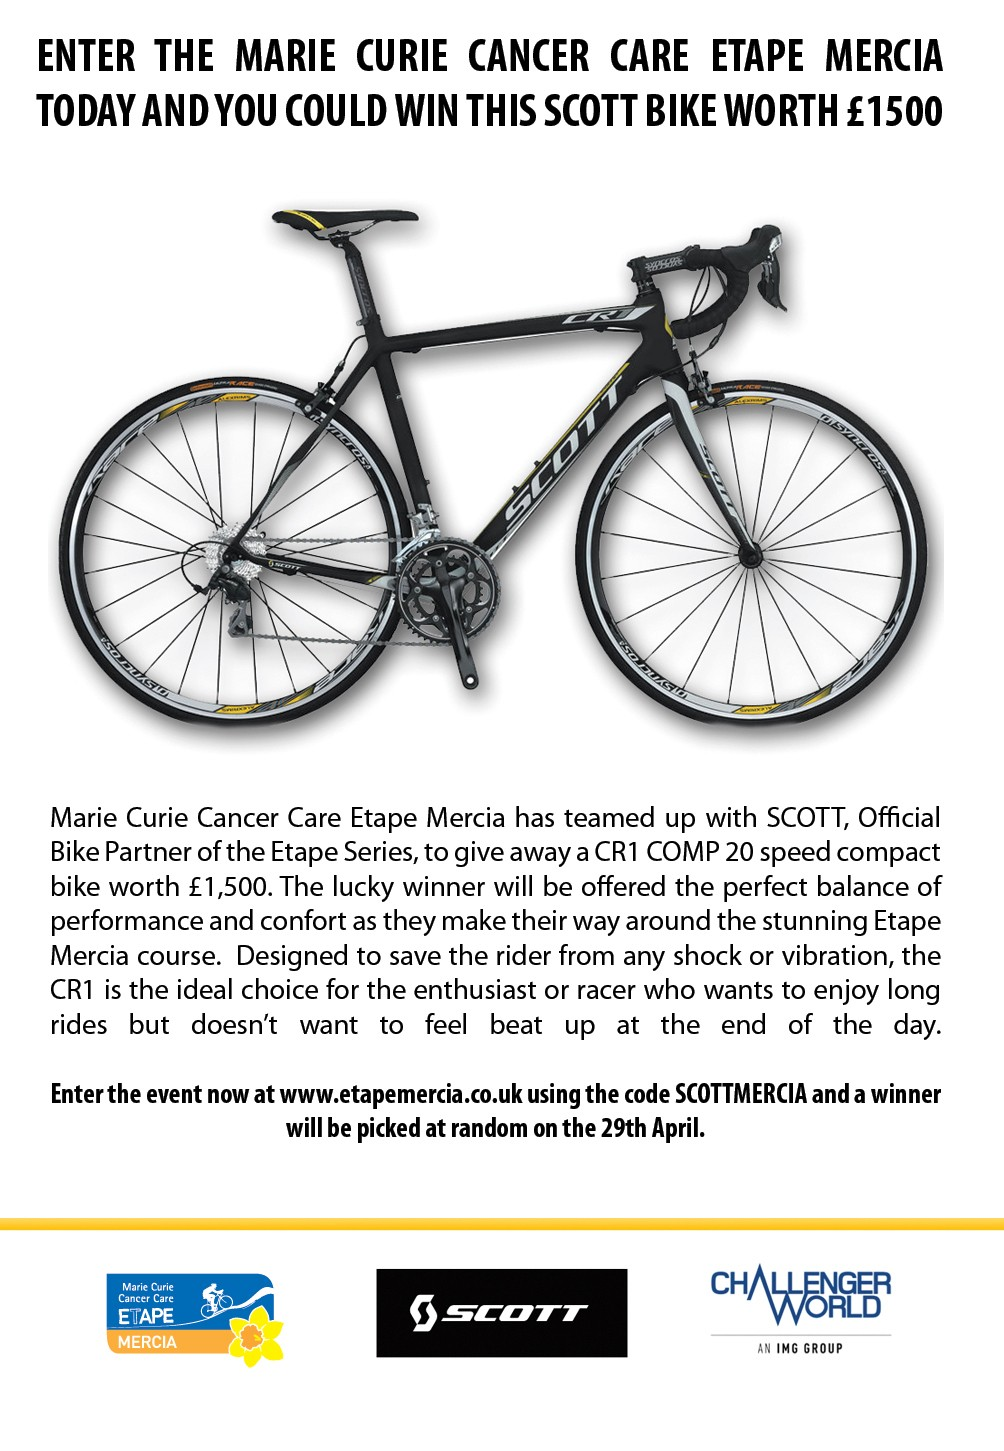 Enter the Etape Mercia and win a SCOTT CR1 Comp road bike worth £1500